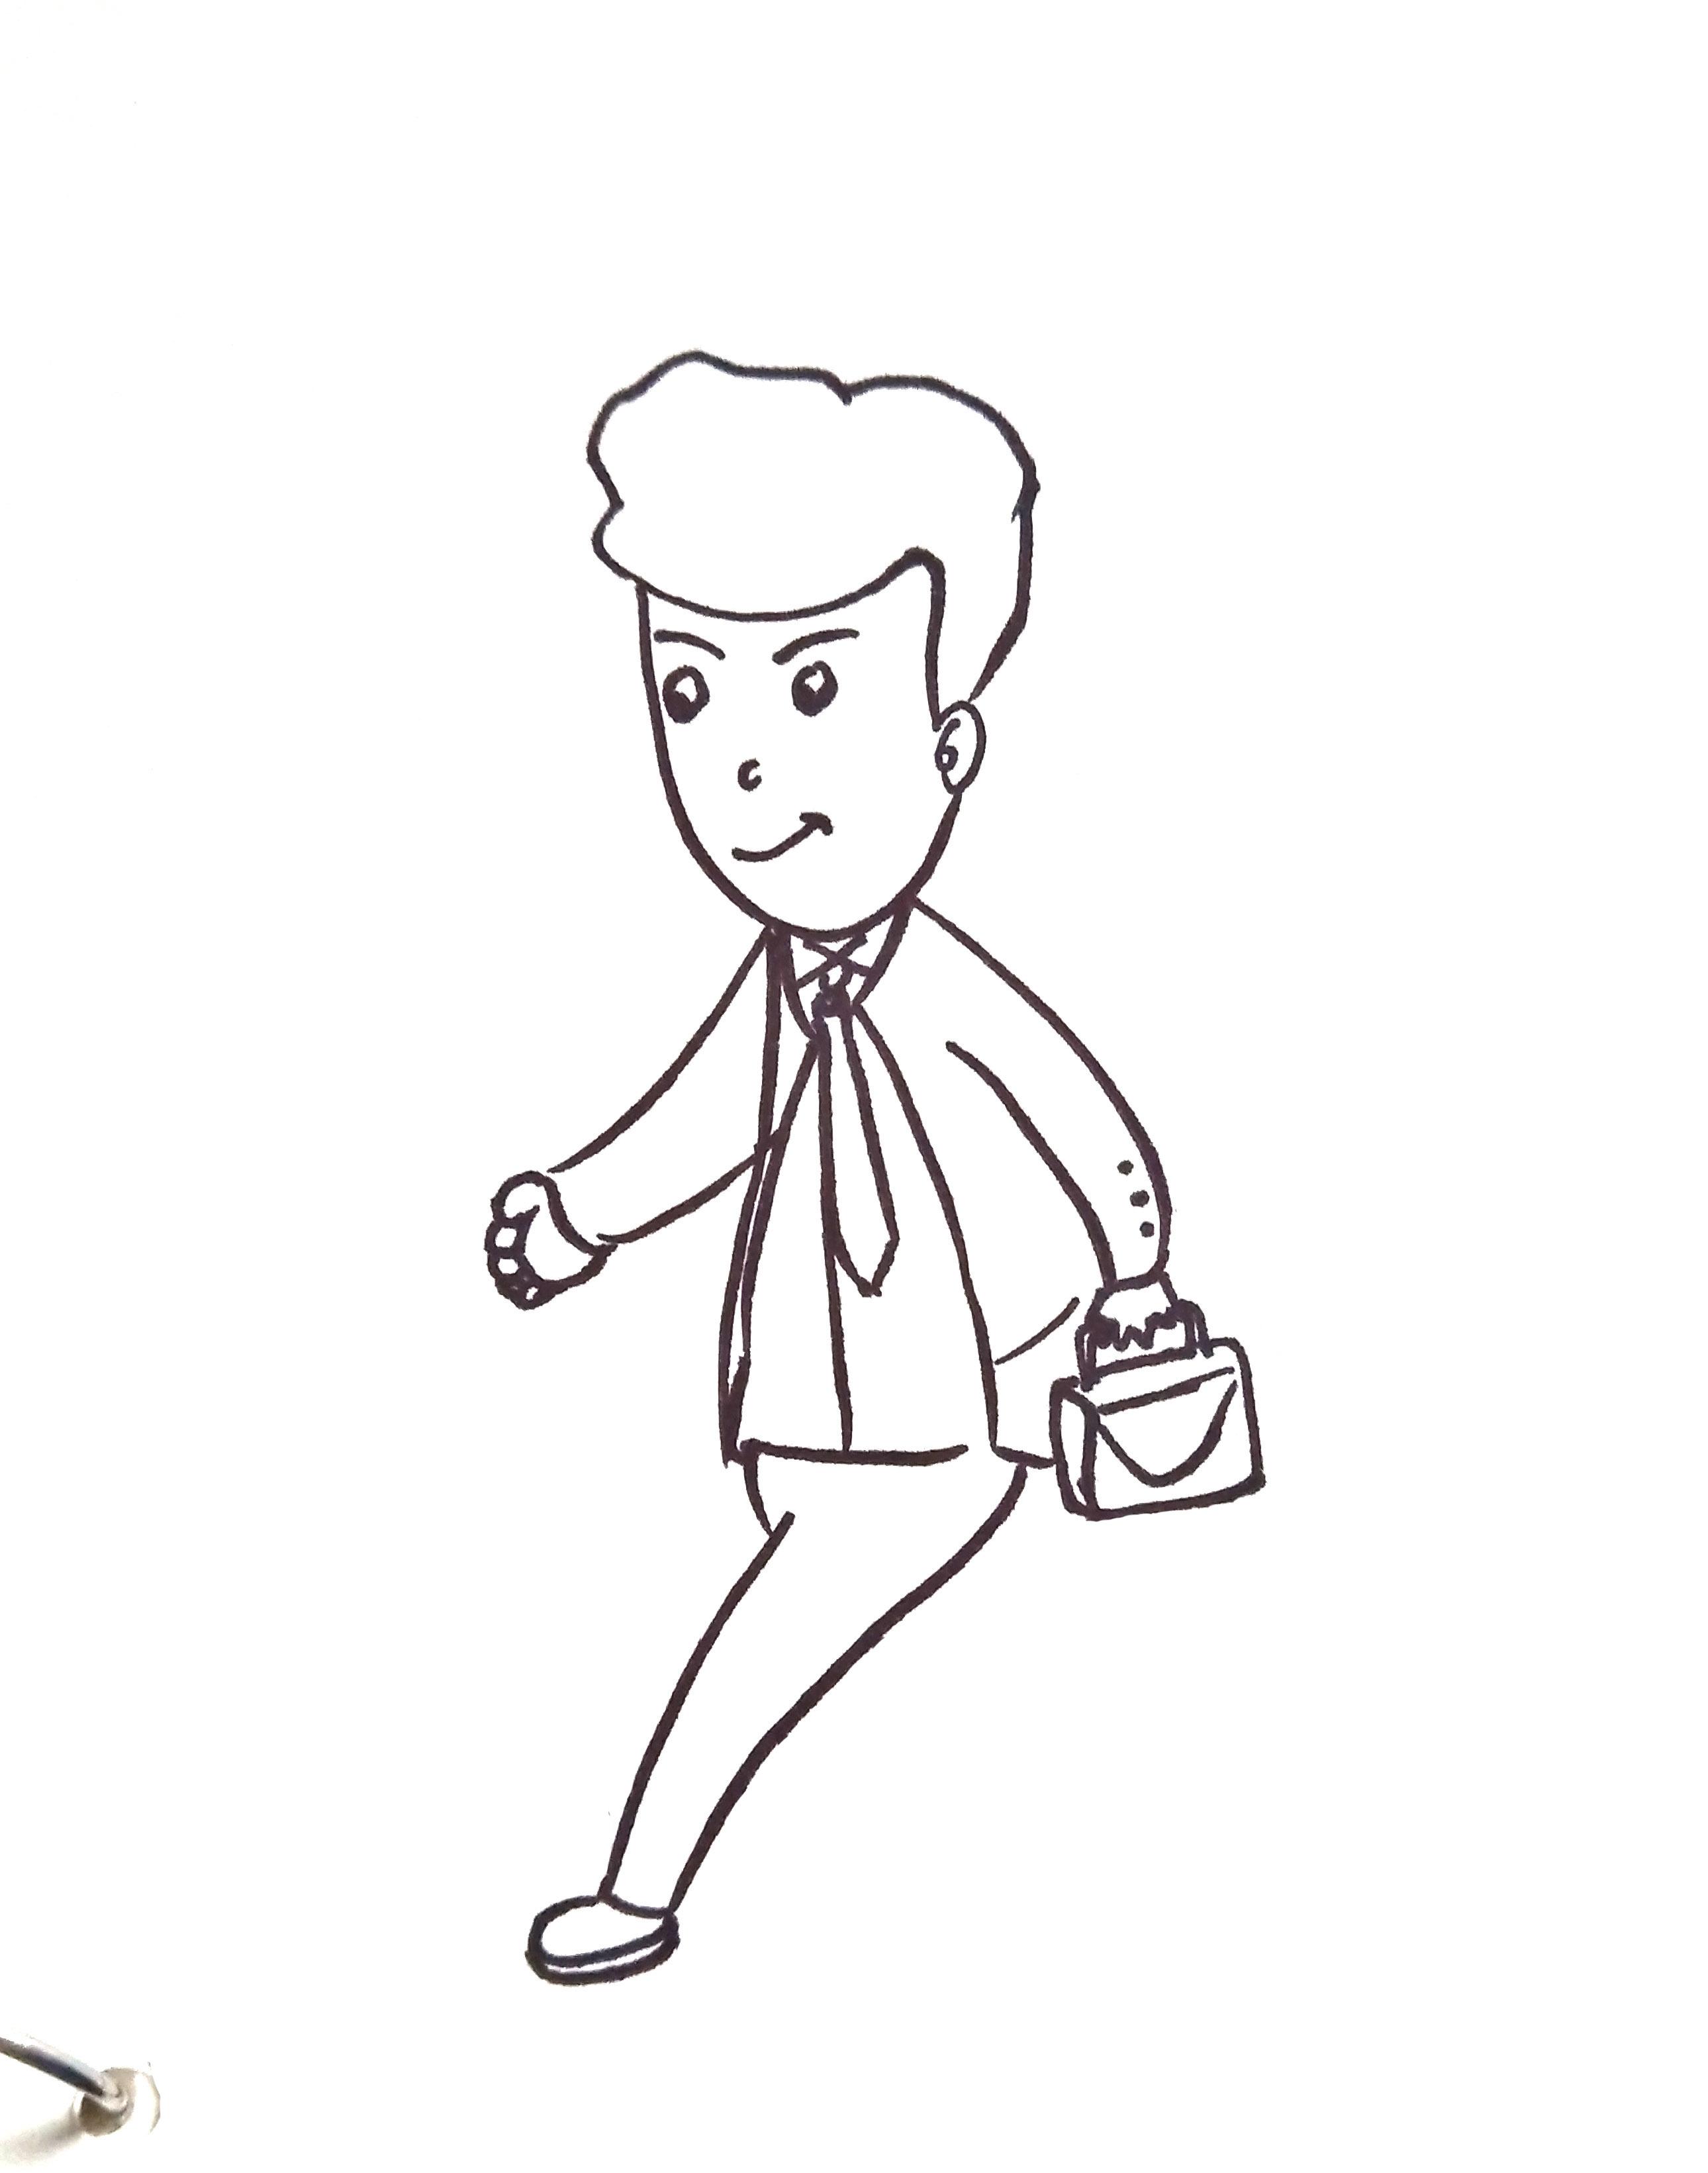 简笔画人物系列:手抄报素材去上班的叔叔